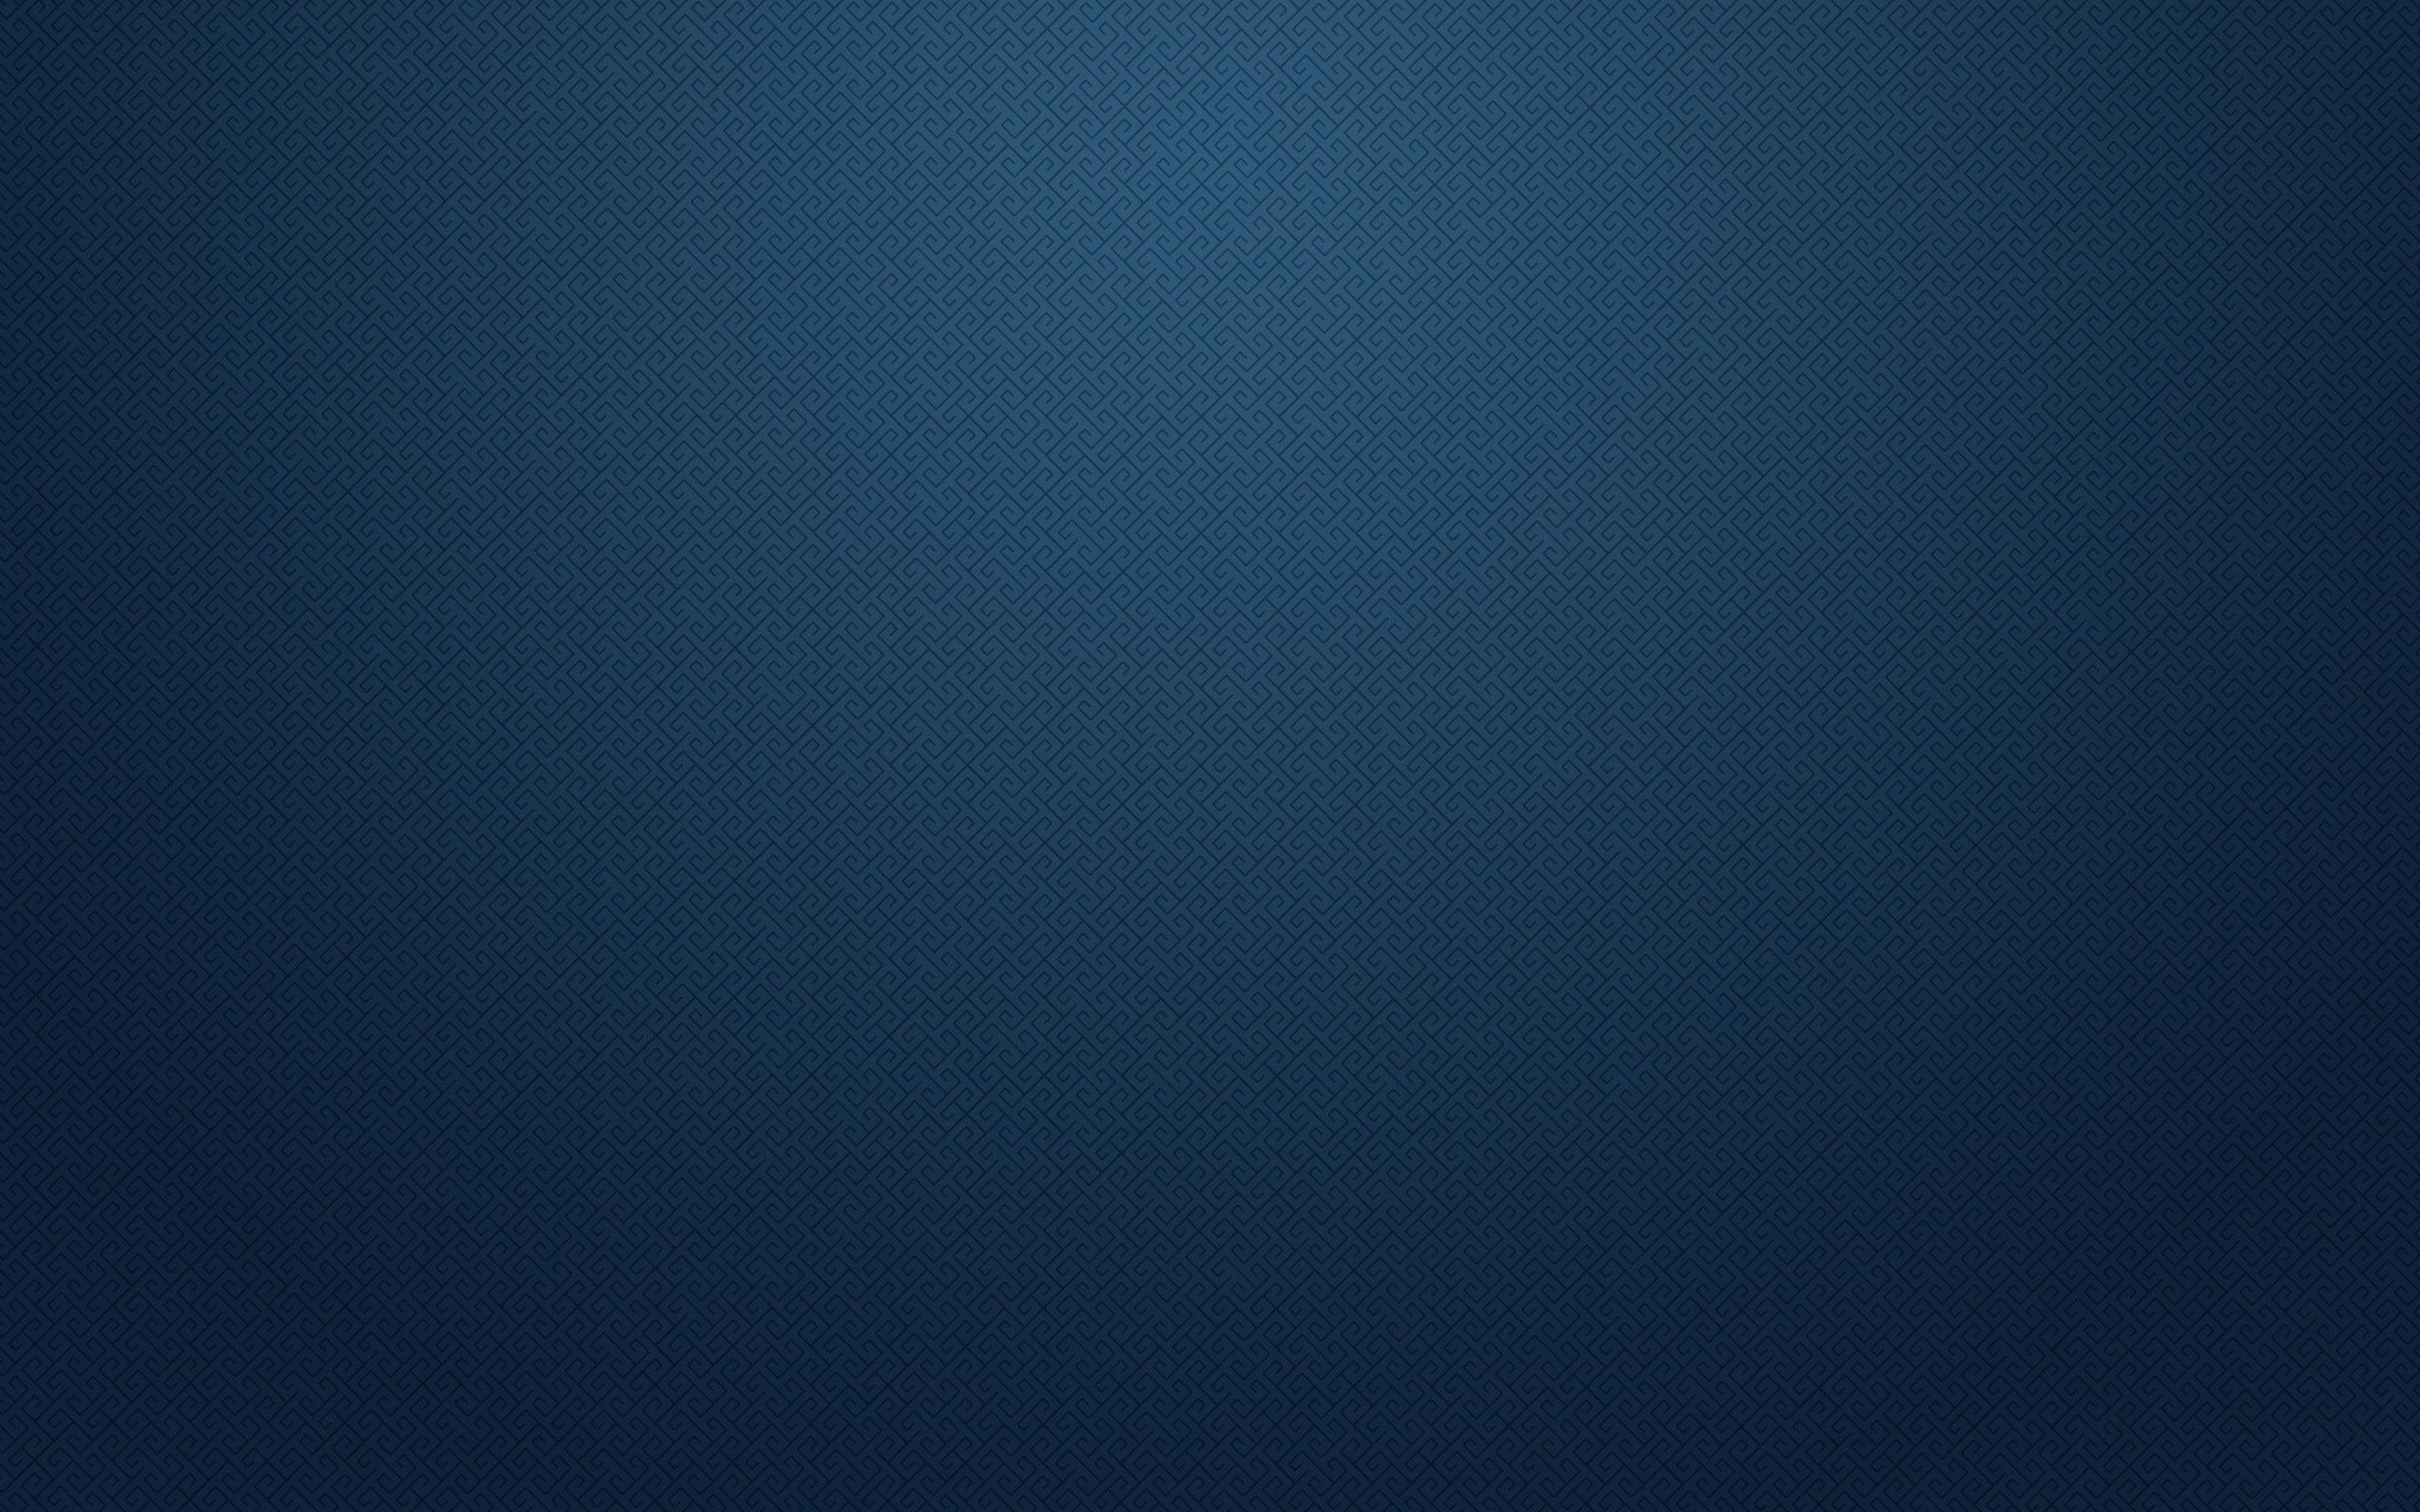 21509 Hintergrundbild herunterladen Hintergrund - Bildschirmschoner und Bilder kostenlos